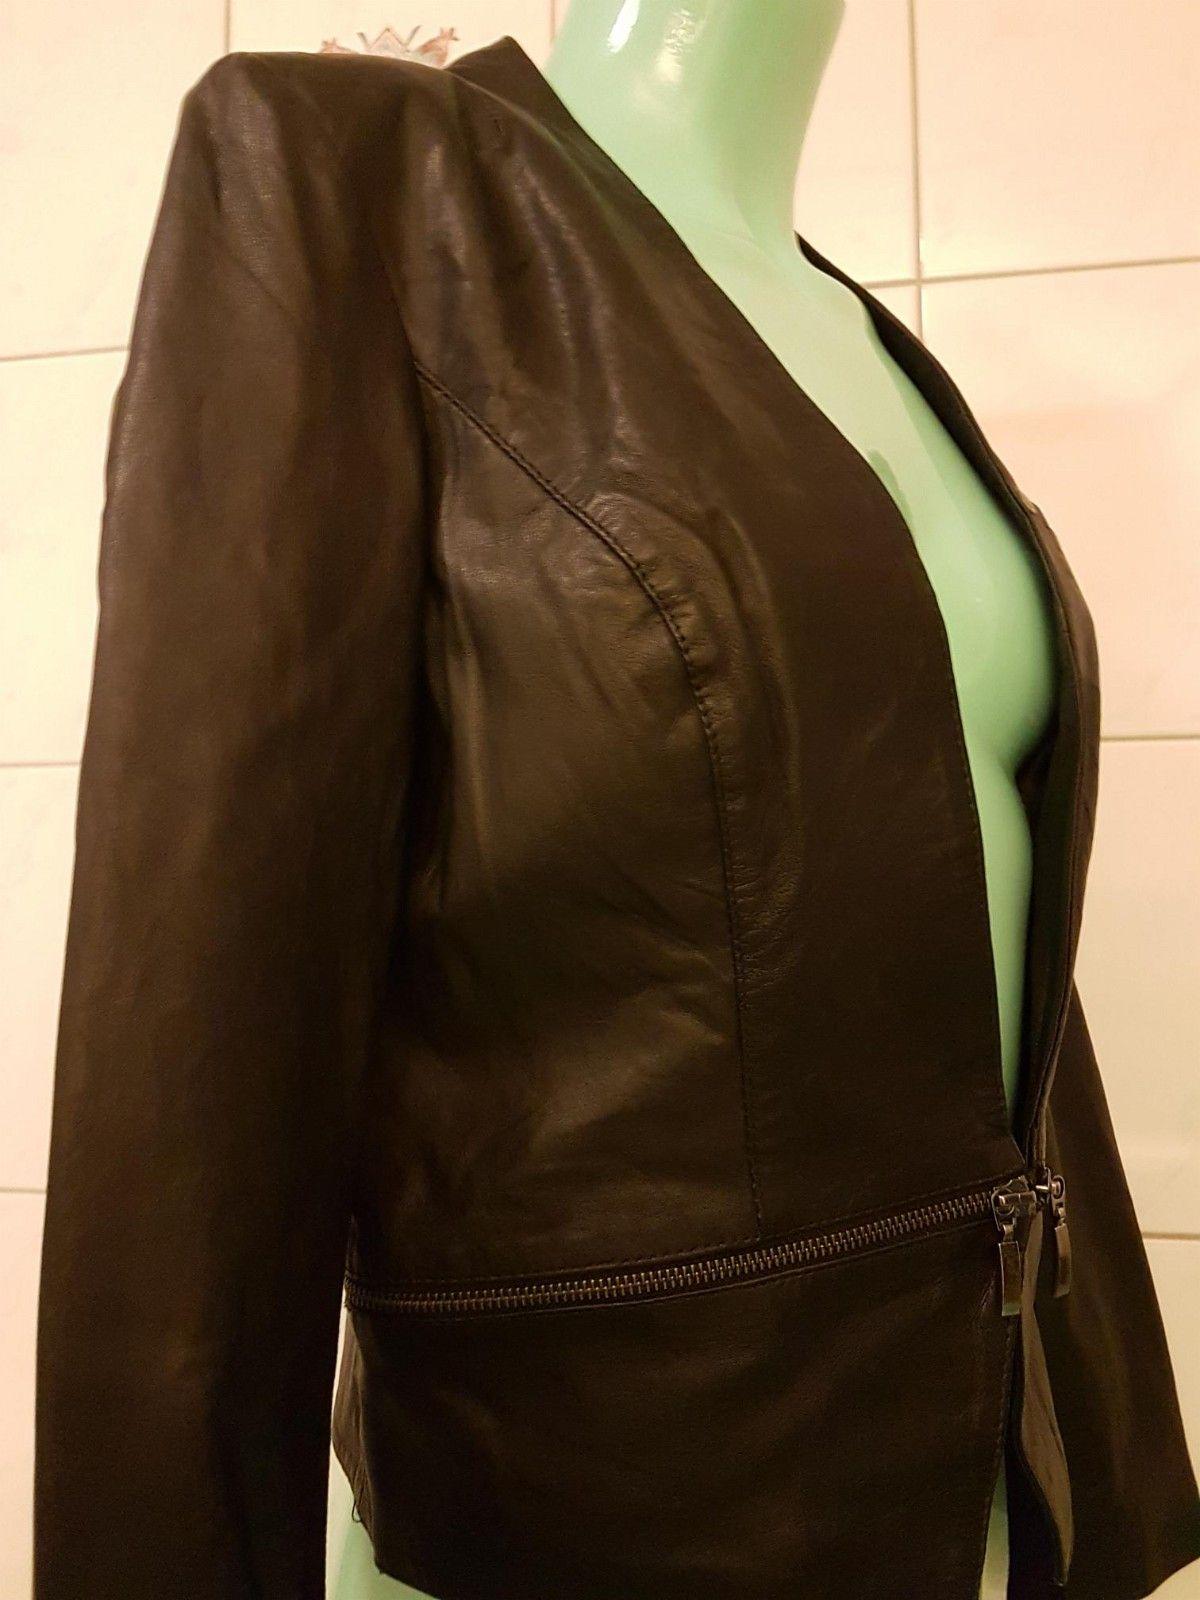 Svart Newport skinnjakke med avtagbare krage og belte, brukt